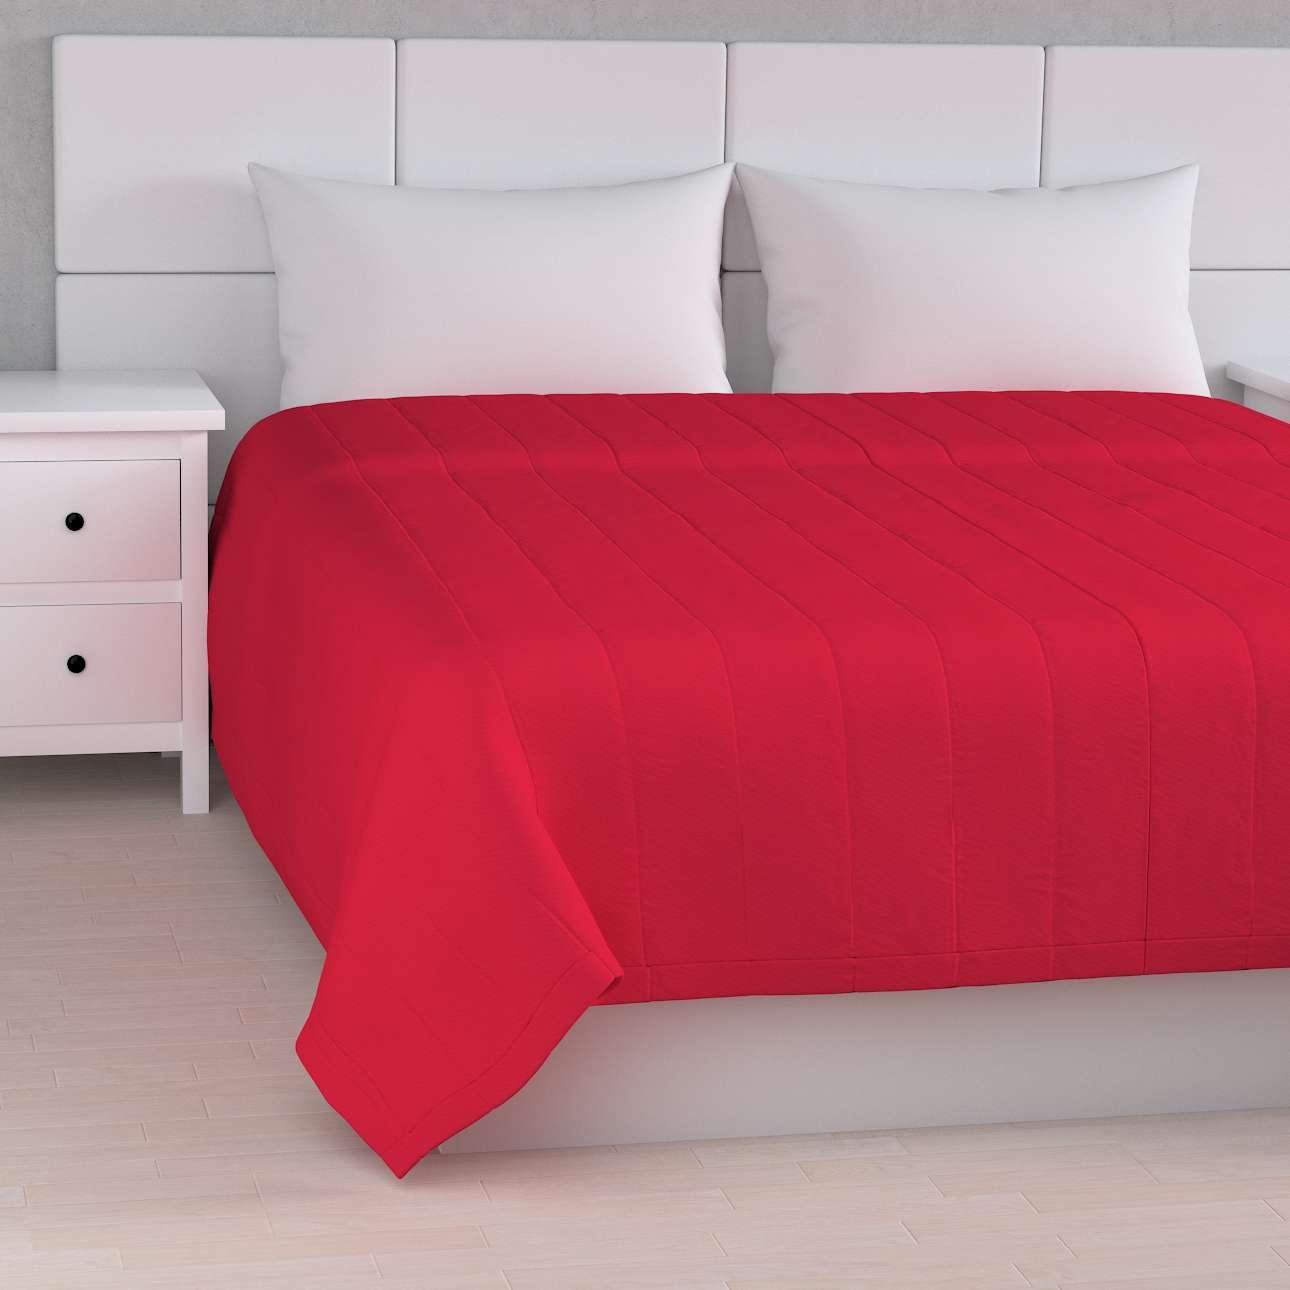 Tagesdecke mit Streifen-Steppung von der Kollektion Quadro, Stoff: 136-19